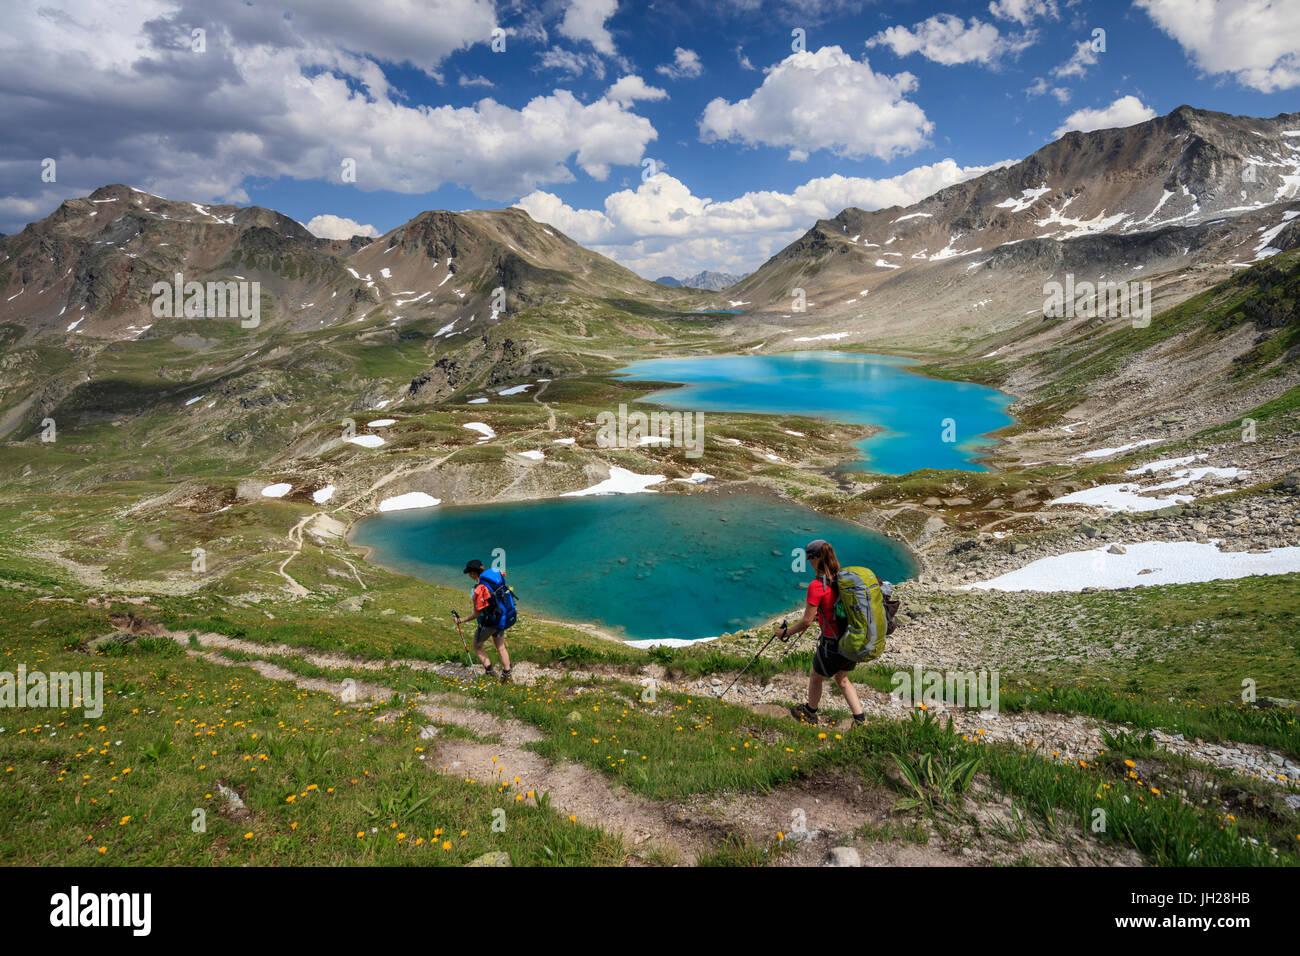 Excursionistas pasar el turquesa del lago y los picos rocosos, Jorifless Joriseen, Pass, cantón de Graubunden, Imagen De Stock